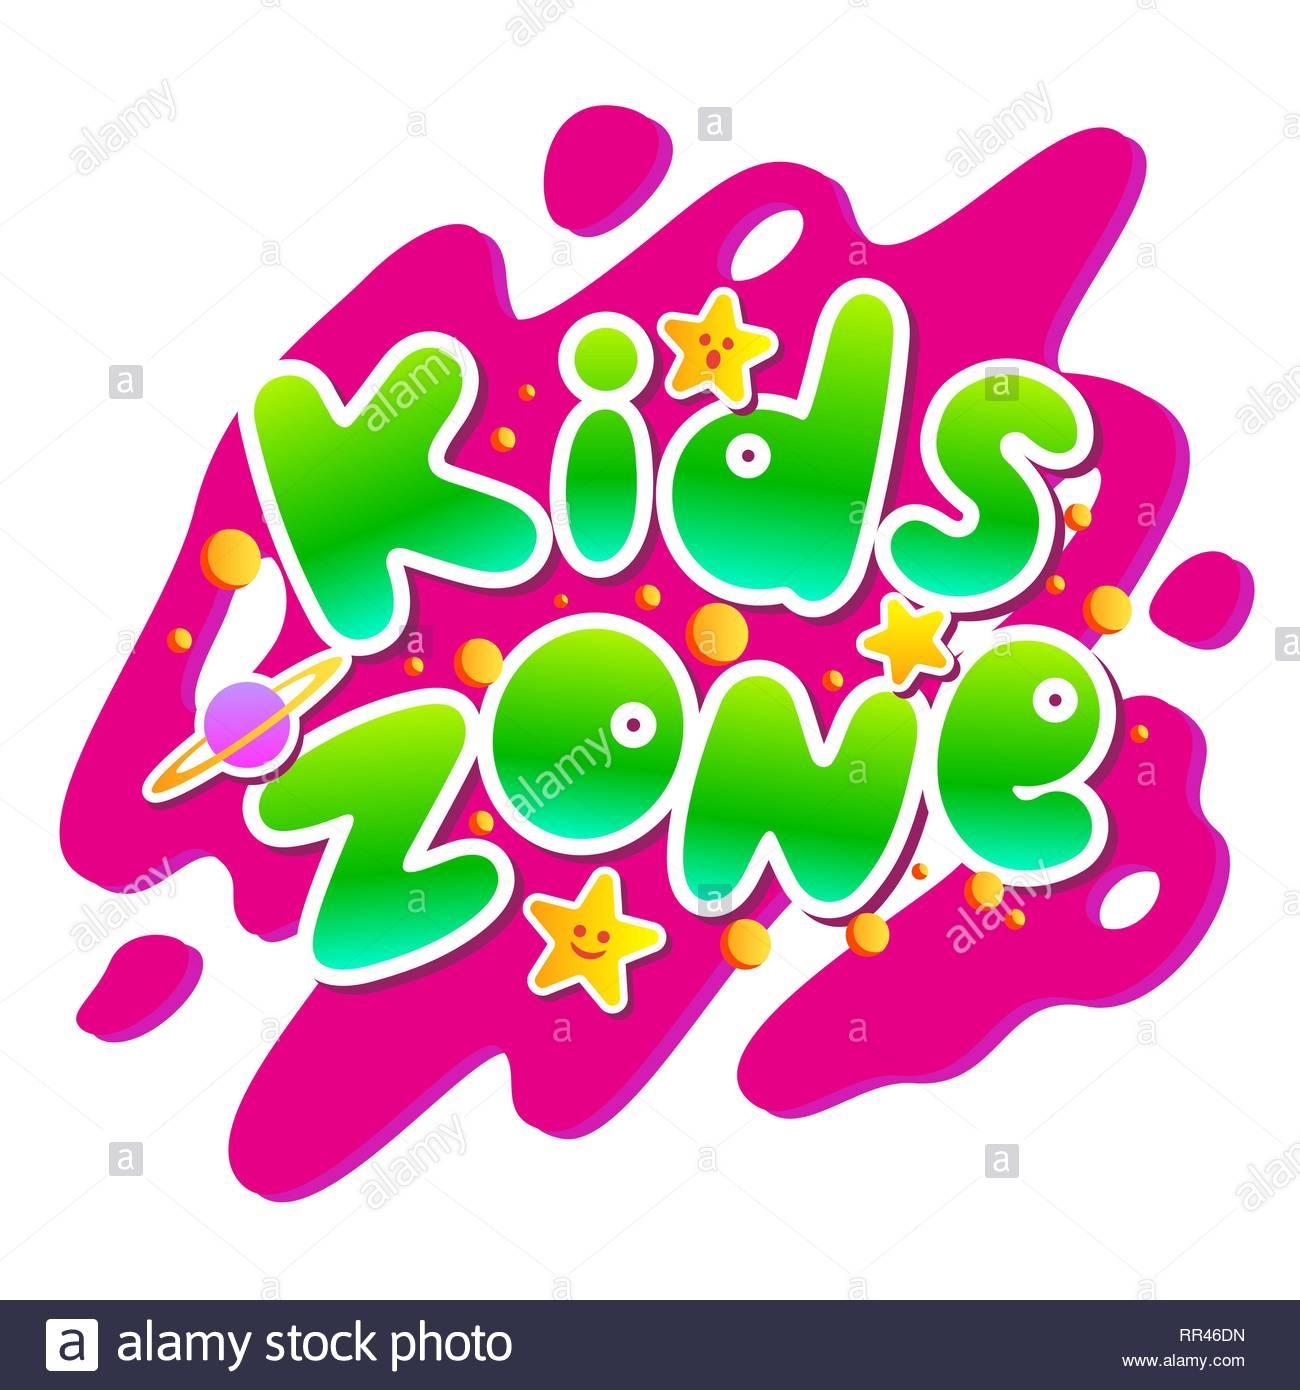 L'espace Enfants Vector Cartoon Logo. Bulle Colorée Pour Les encequiconcerne Jeux De Lettres Enfants